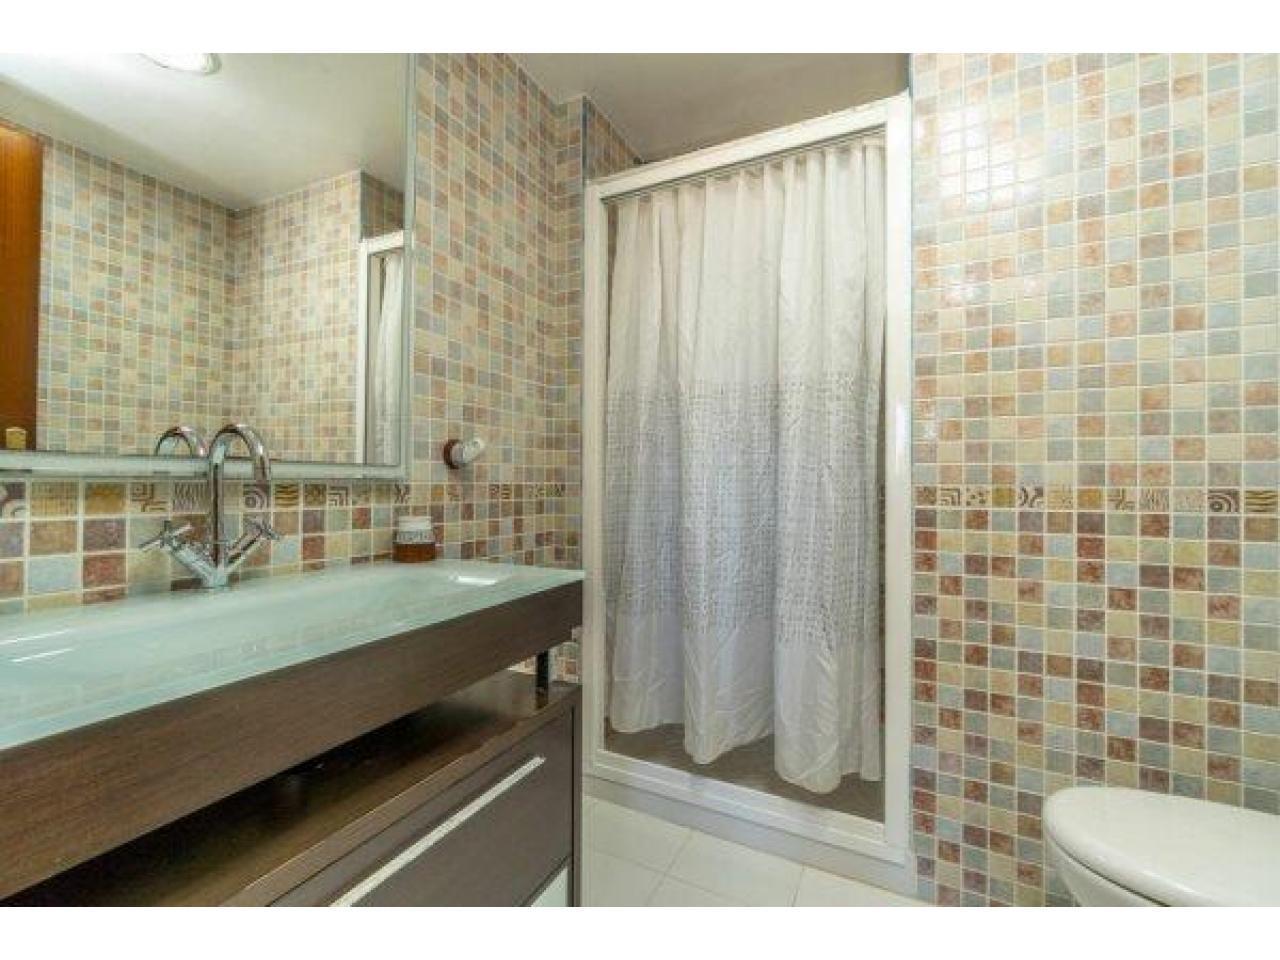 Недвижимость в Испании, Квартира с видом на море в Торревьеха,Коста Бланка,Испания - 8